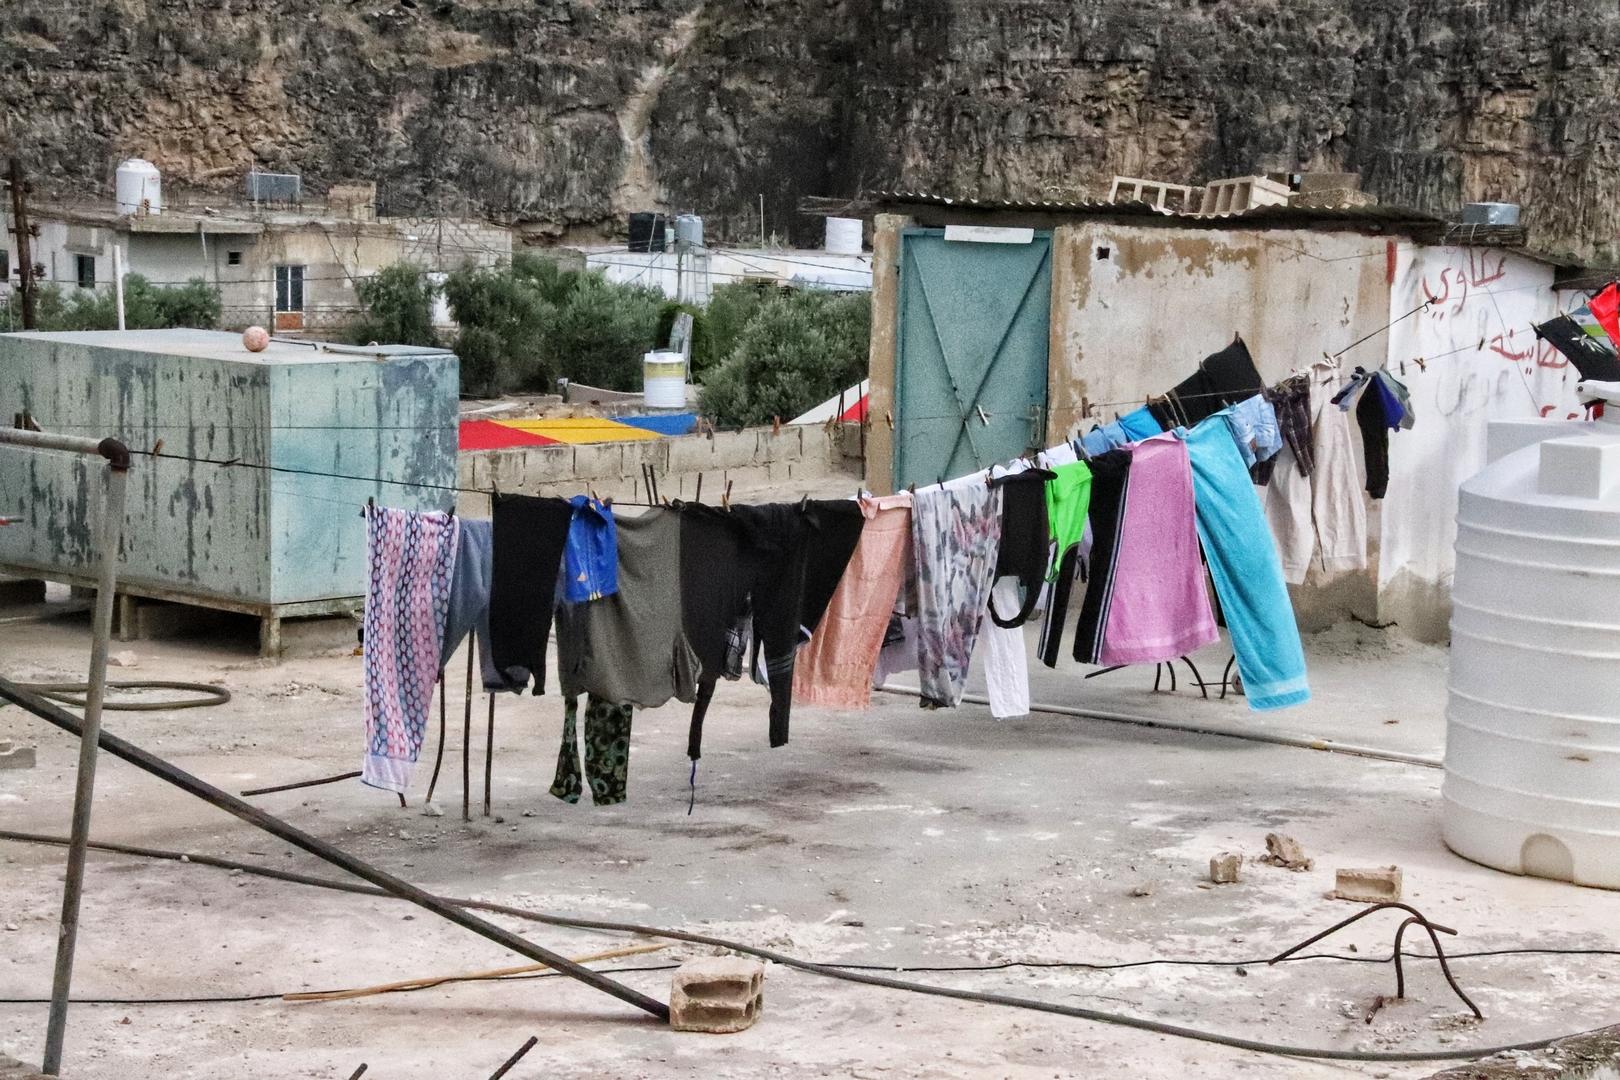 Jordanie - Du linge sèche sur le toit